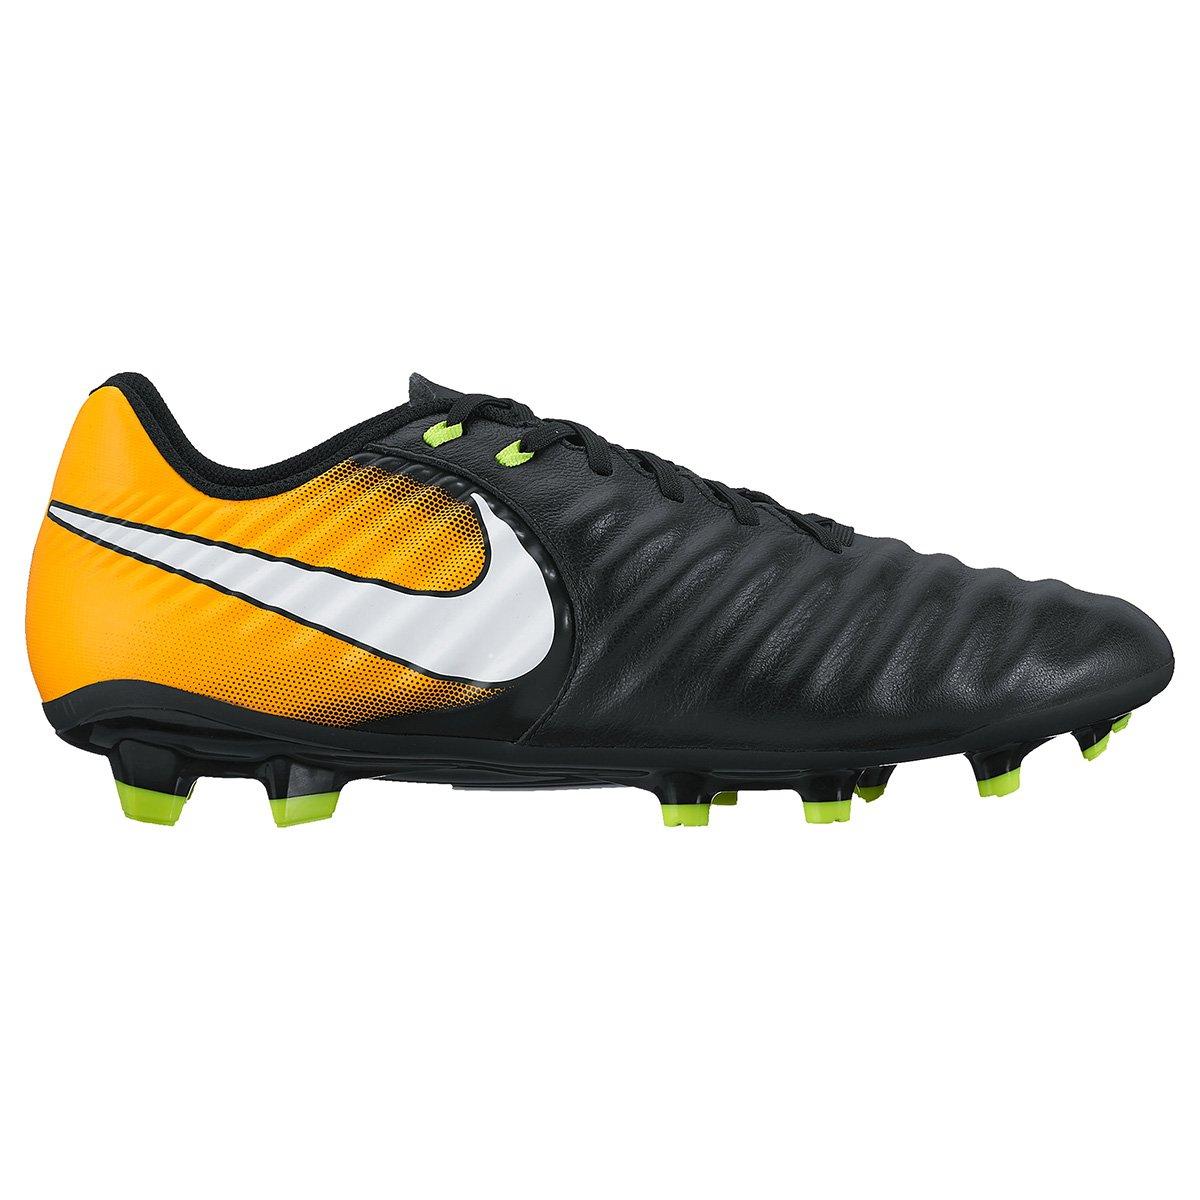 e5772273a1 Chuteira Campo Nike Tiempo Ligera 4 FG - Preto e Laranja - Compre Agora